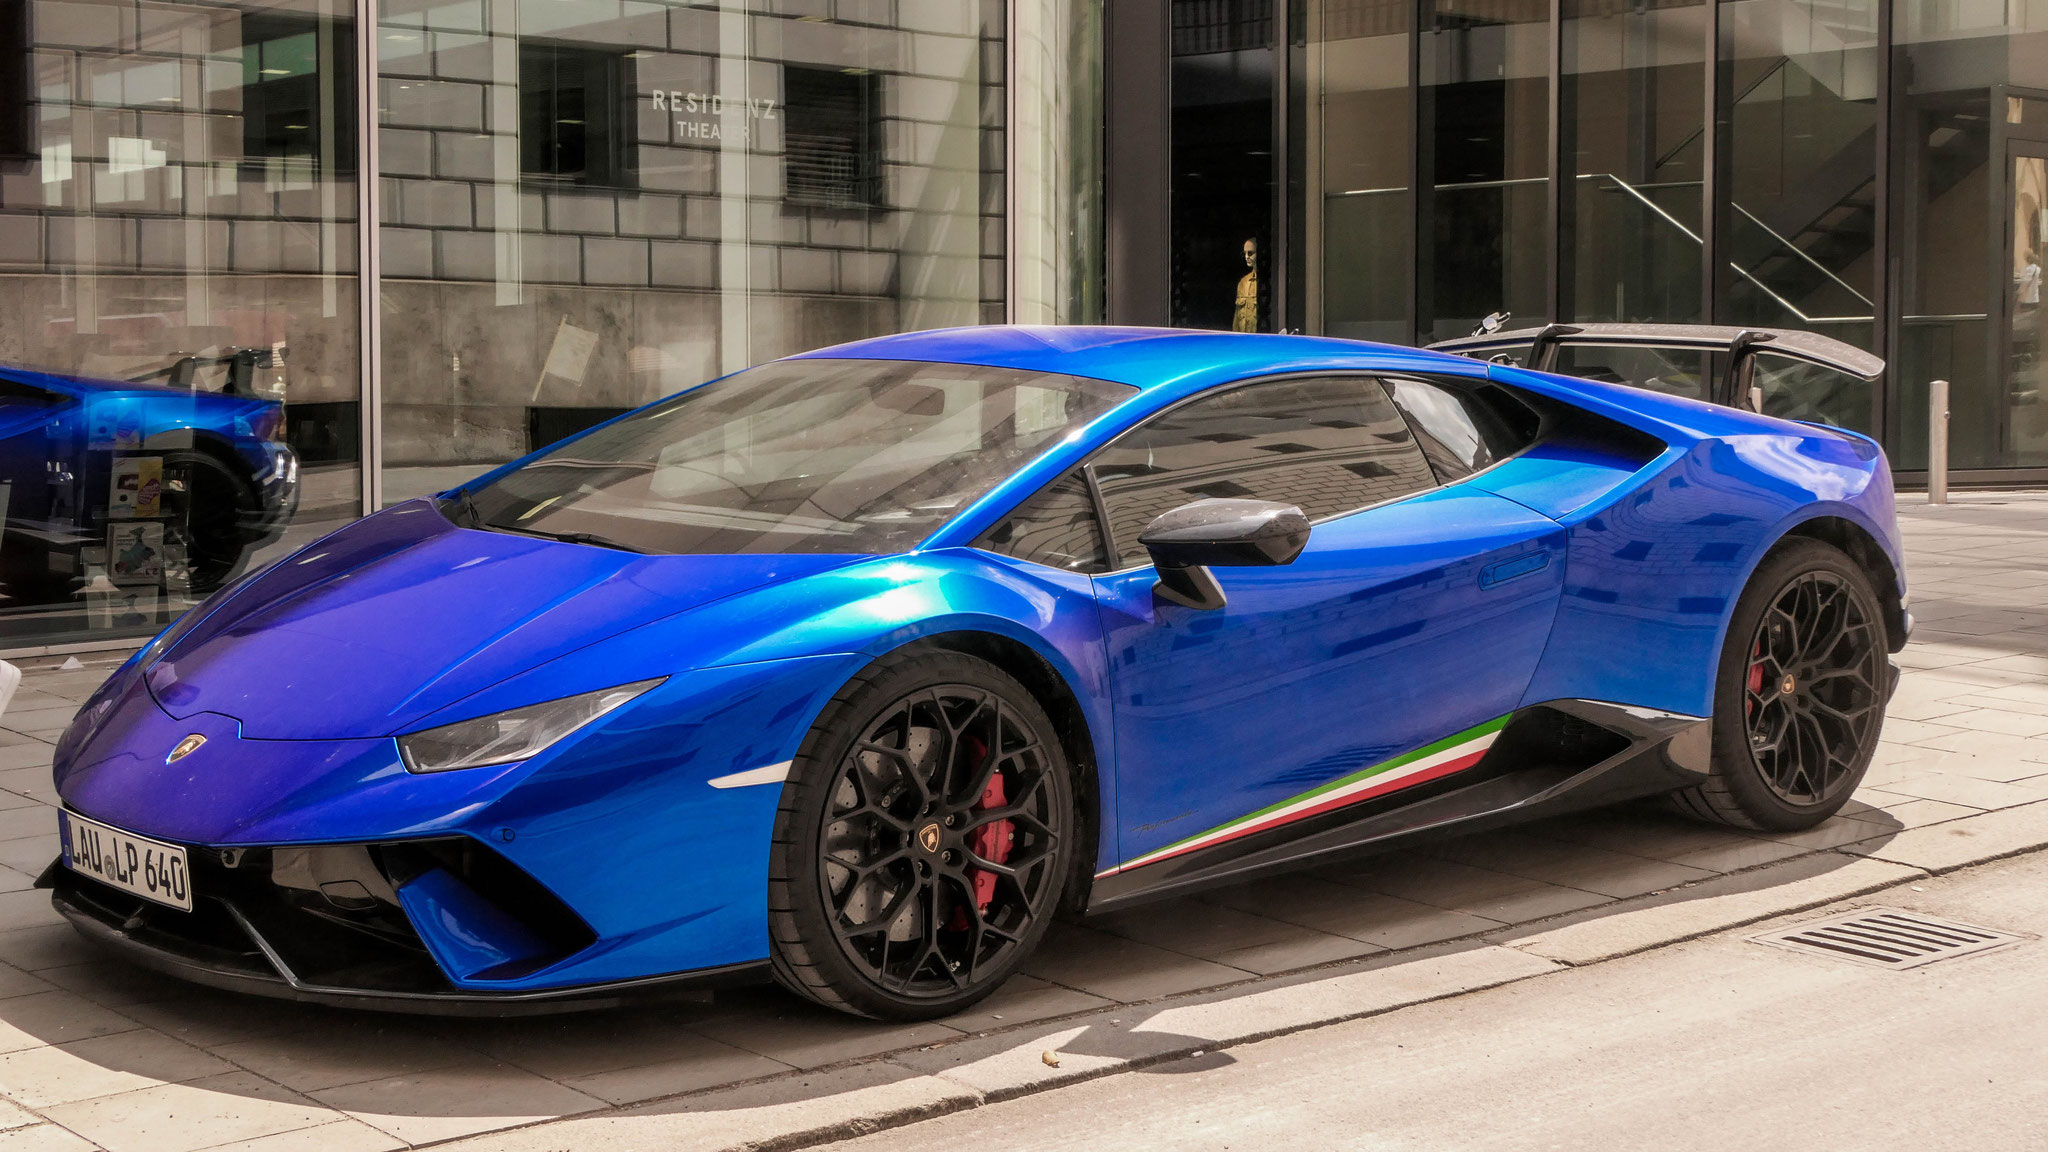 Lamborghini Huracan Performante - LAU-LP-640